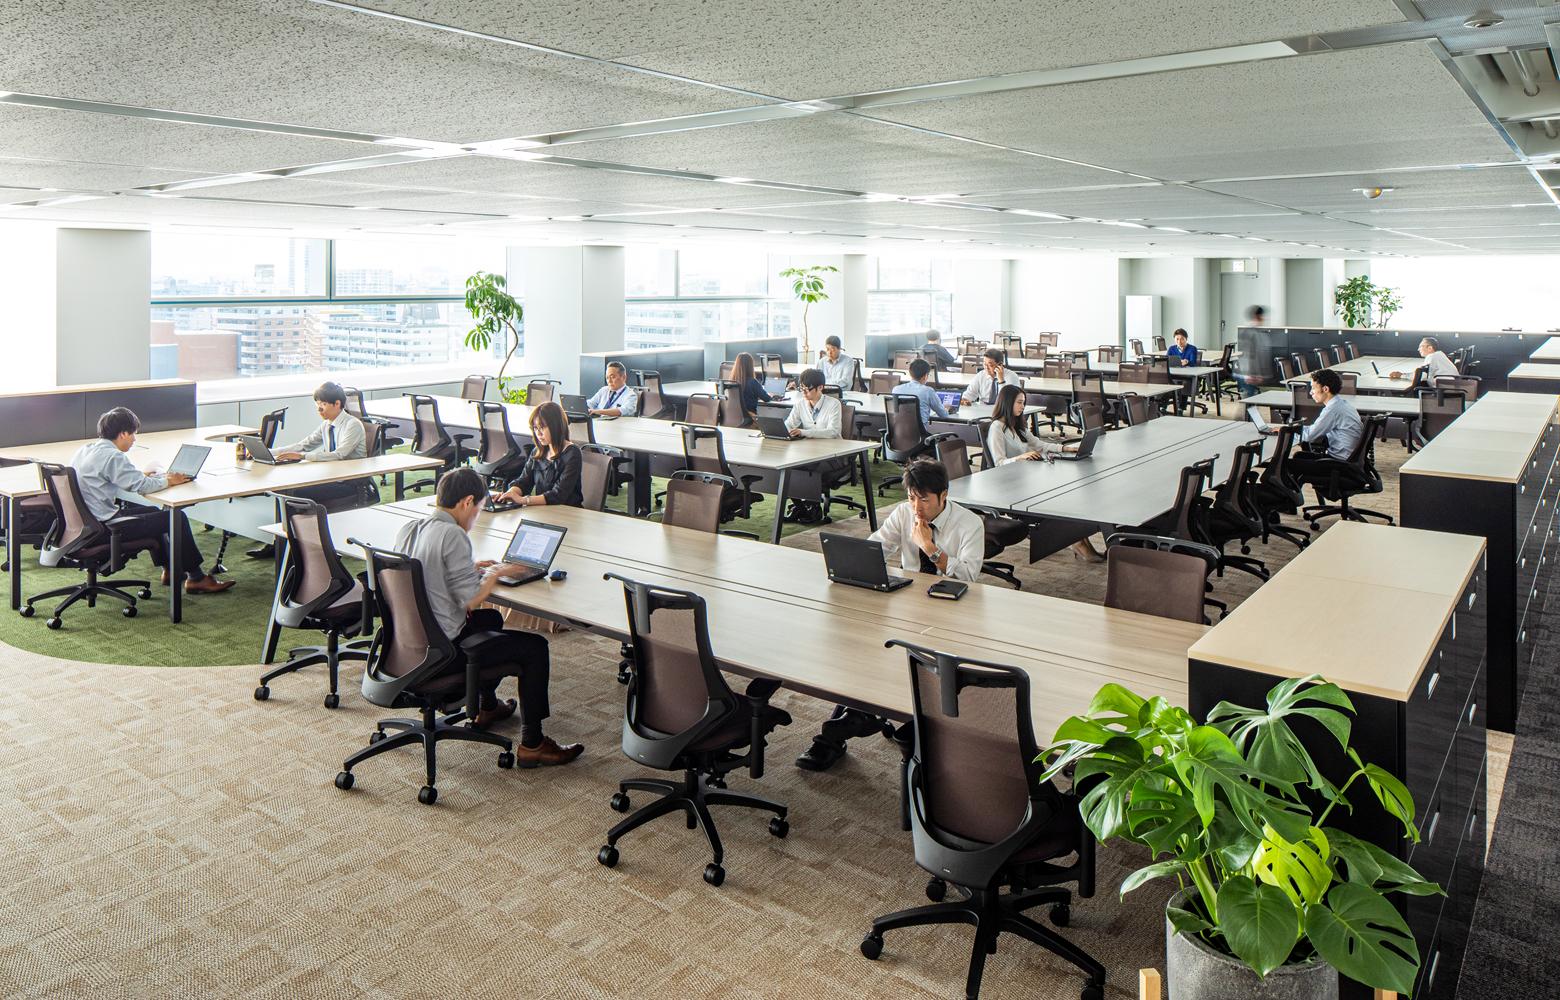 キリンエンジニアリング株式会社 Work Space デザイン・レイアウト事例